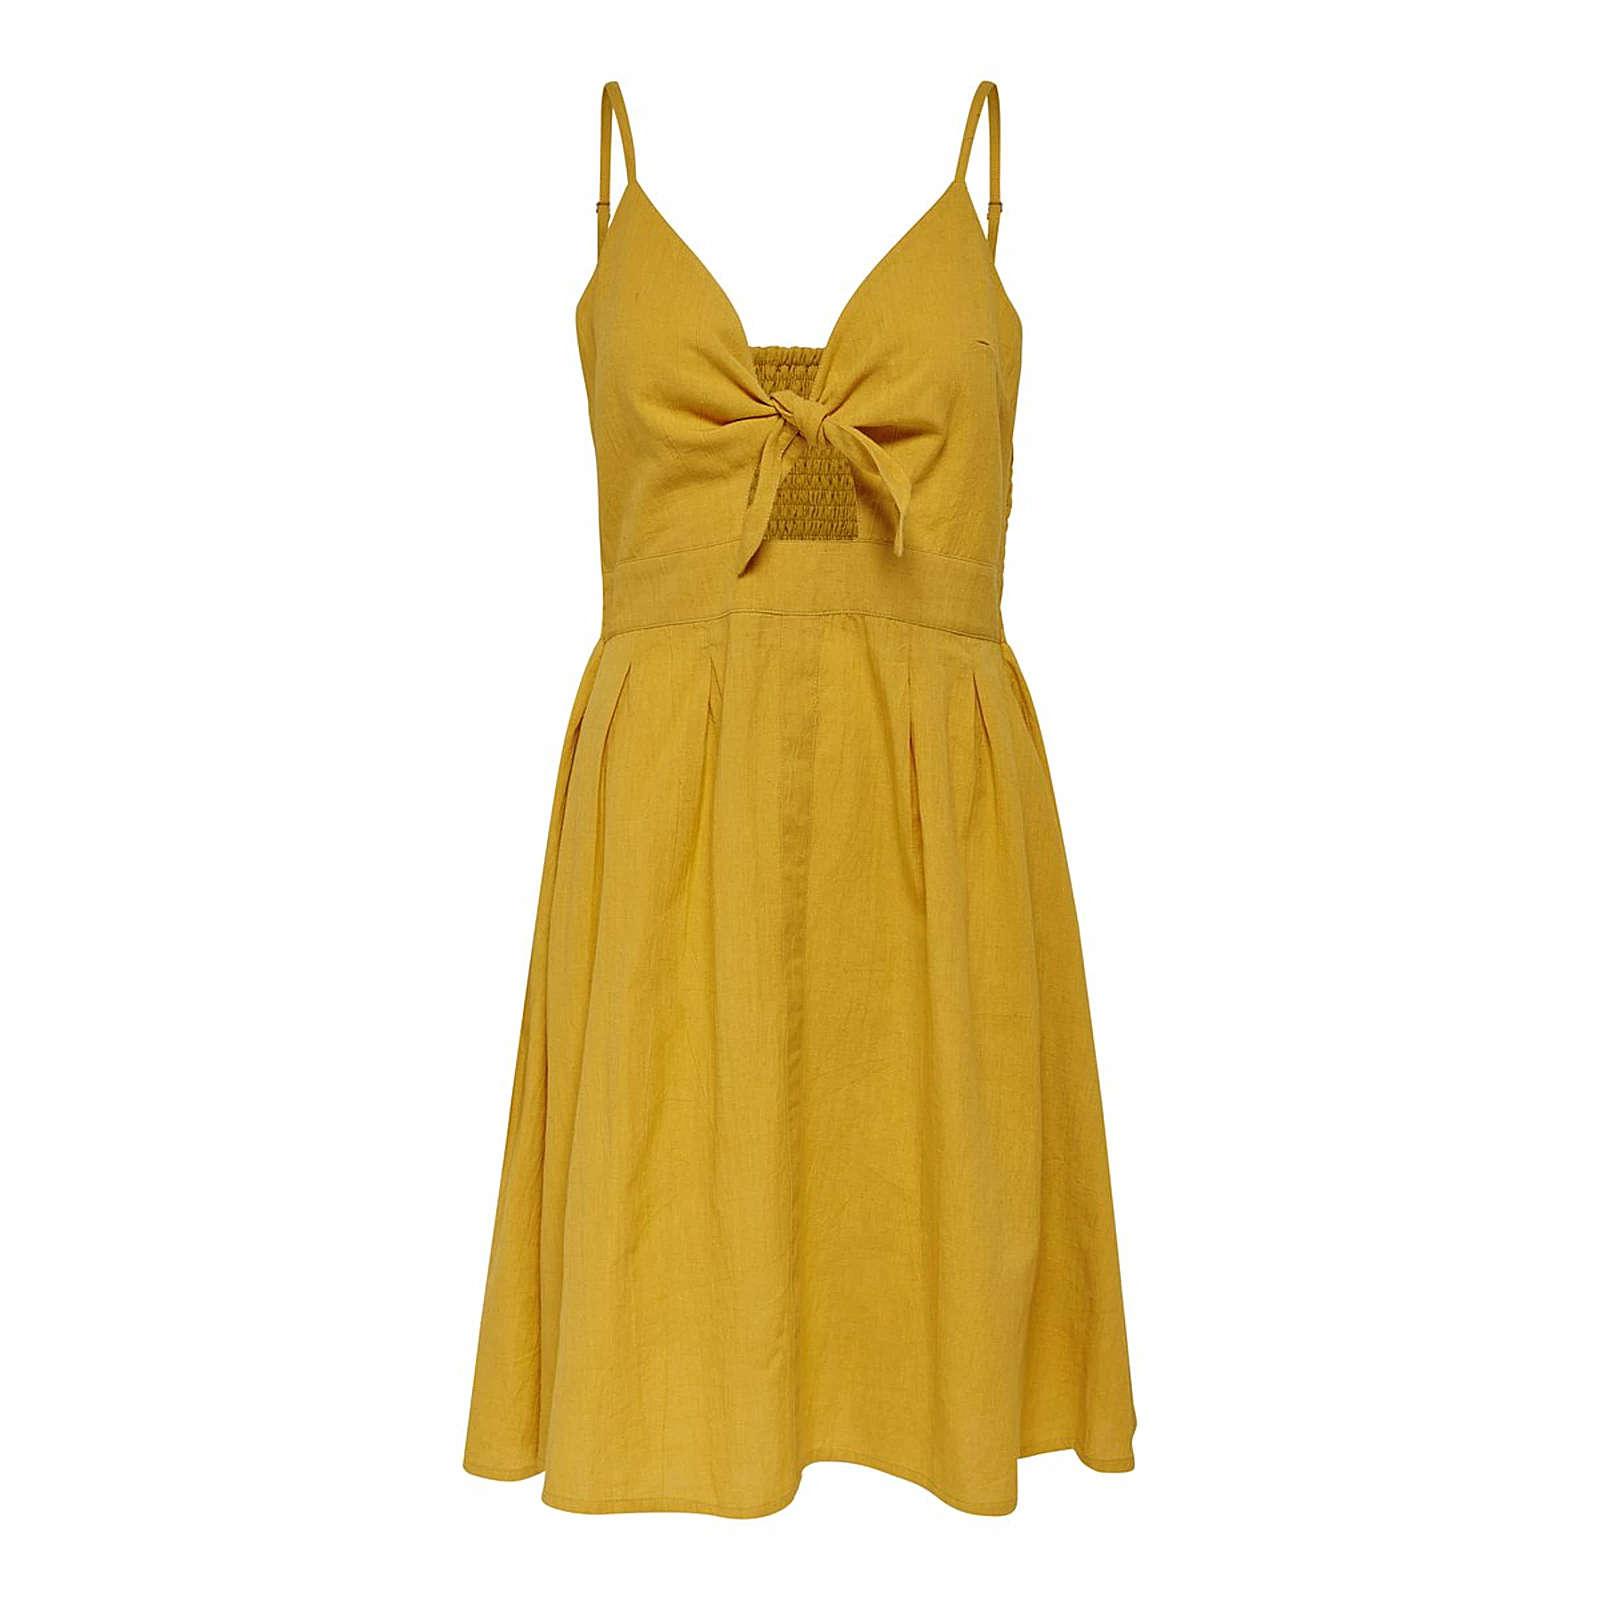 ONLY Sommerkleid Lina Sommerkleider gelb Damen Gr. 40